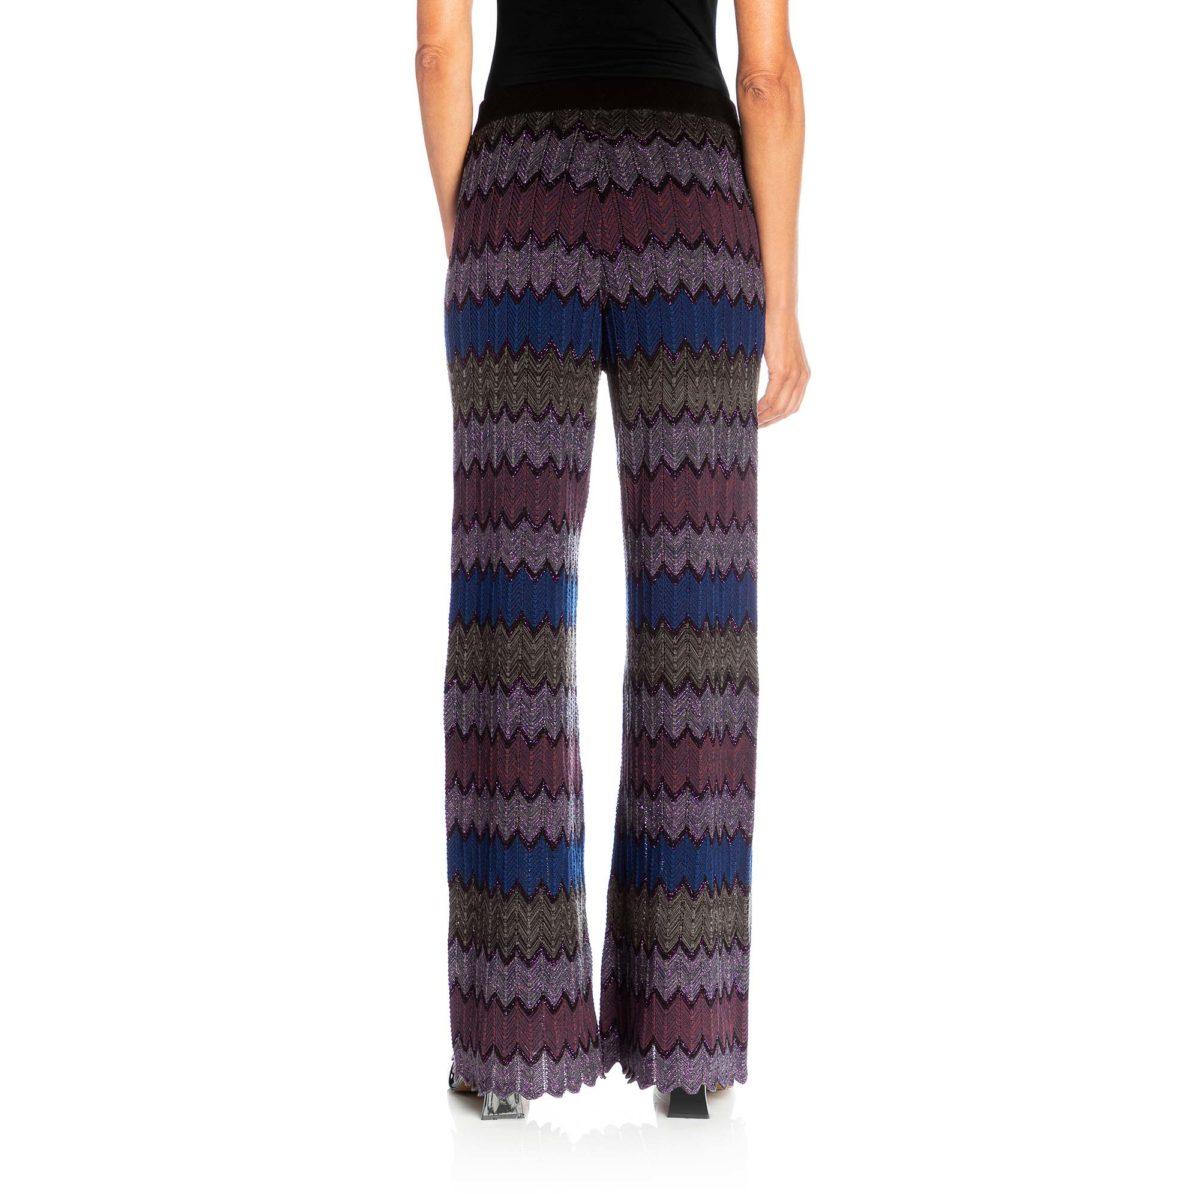 Pantalone Wide leg in maglia Viola/Blu - Nicla